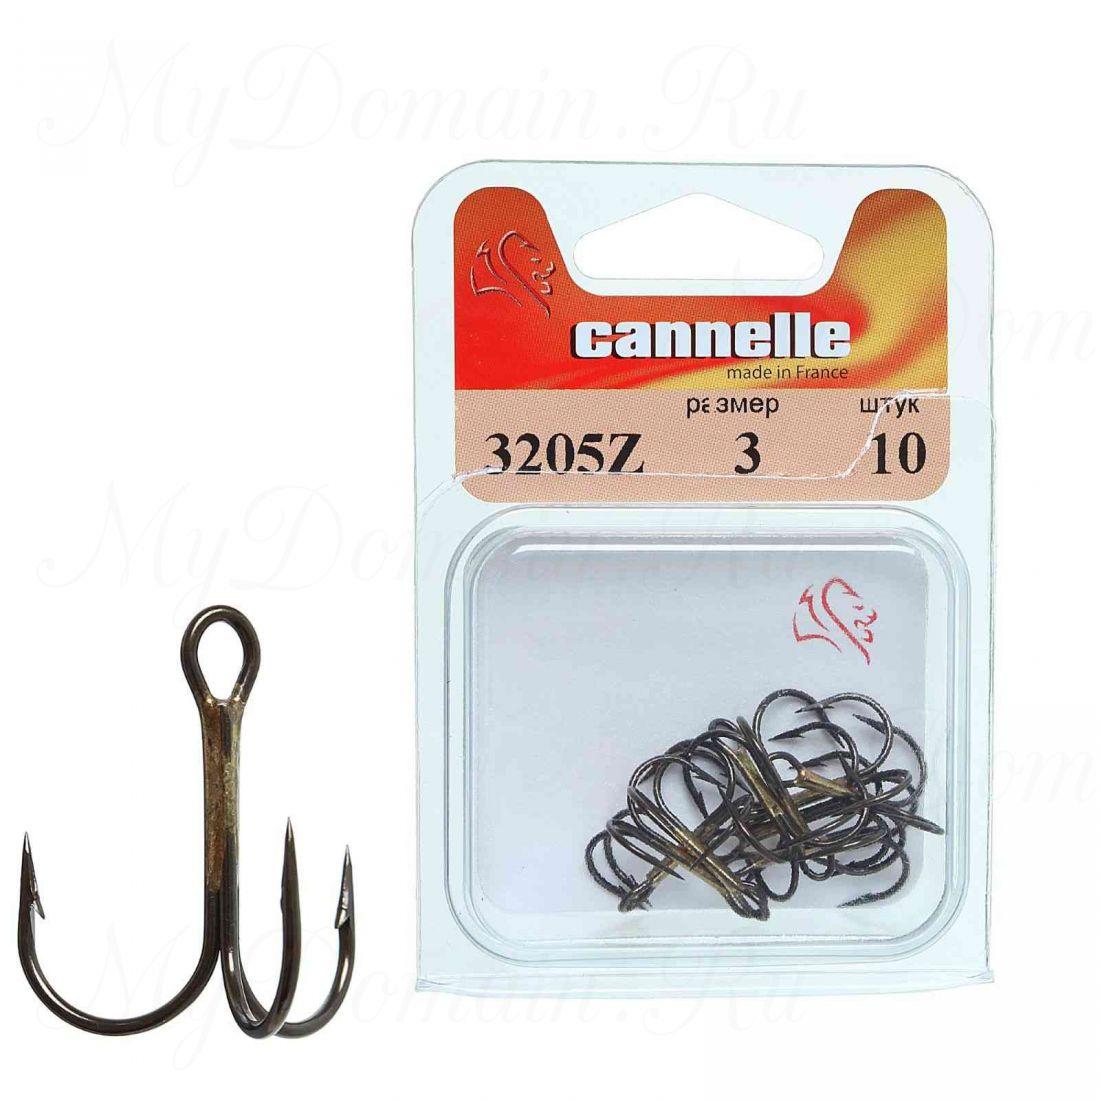 Тройник Cannelle 3205 Z № 1 уп. 100 шт. (бронза,круглый поддев,стандартный тройник,средняя проволка)